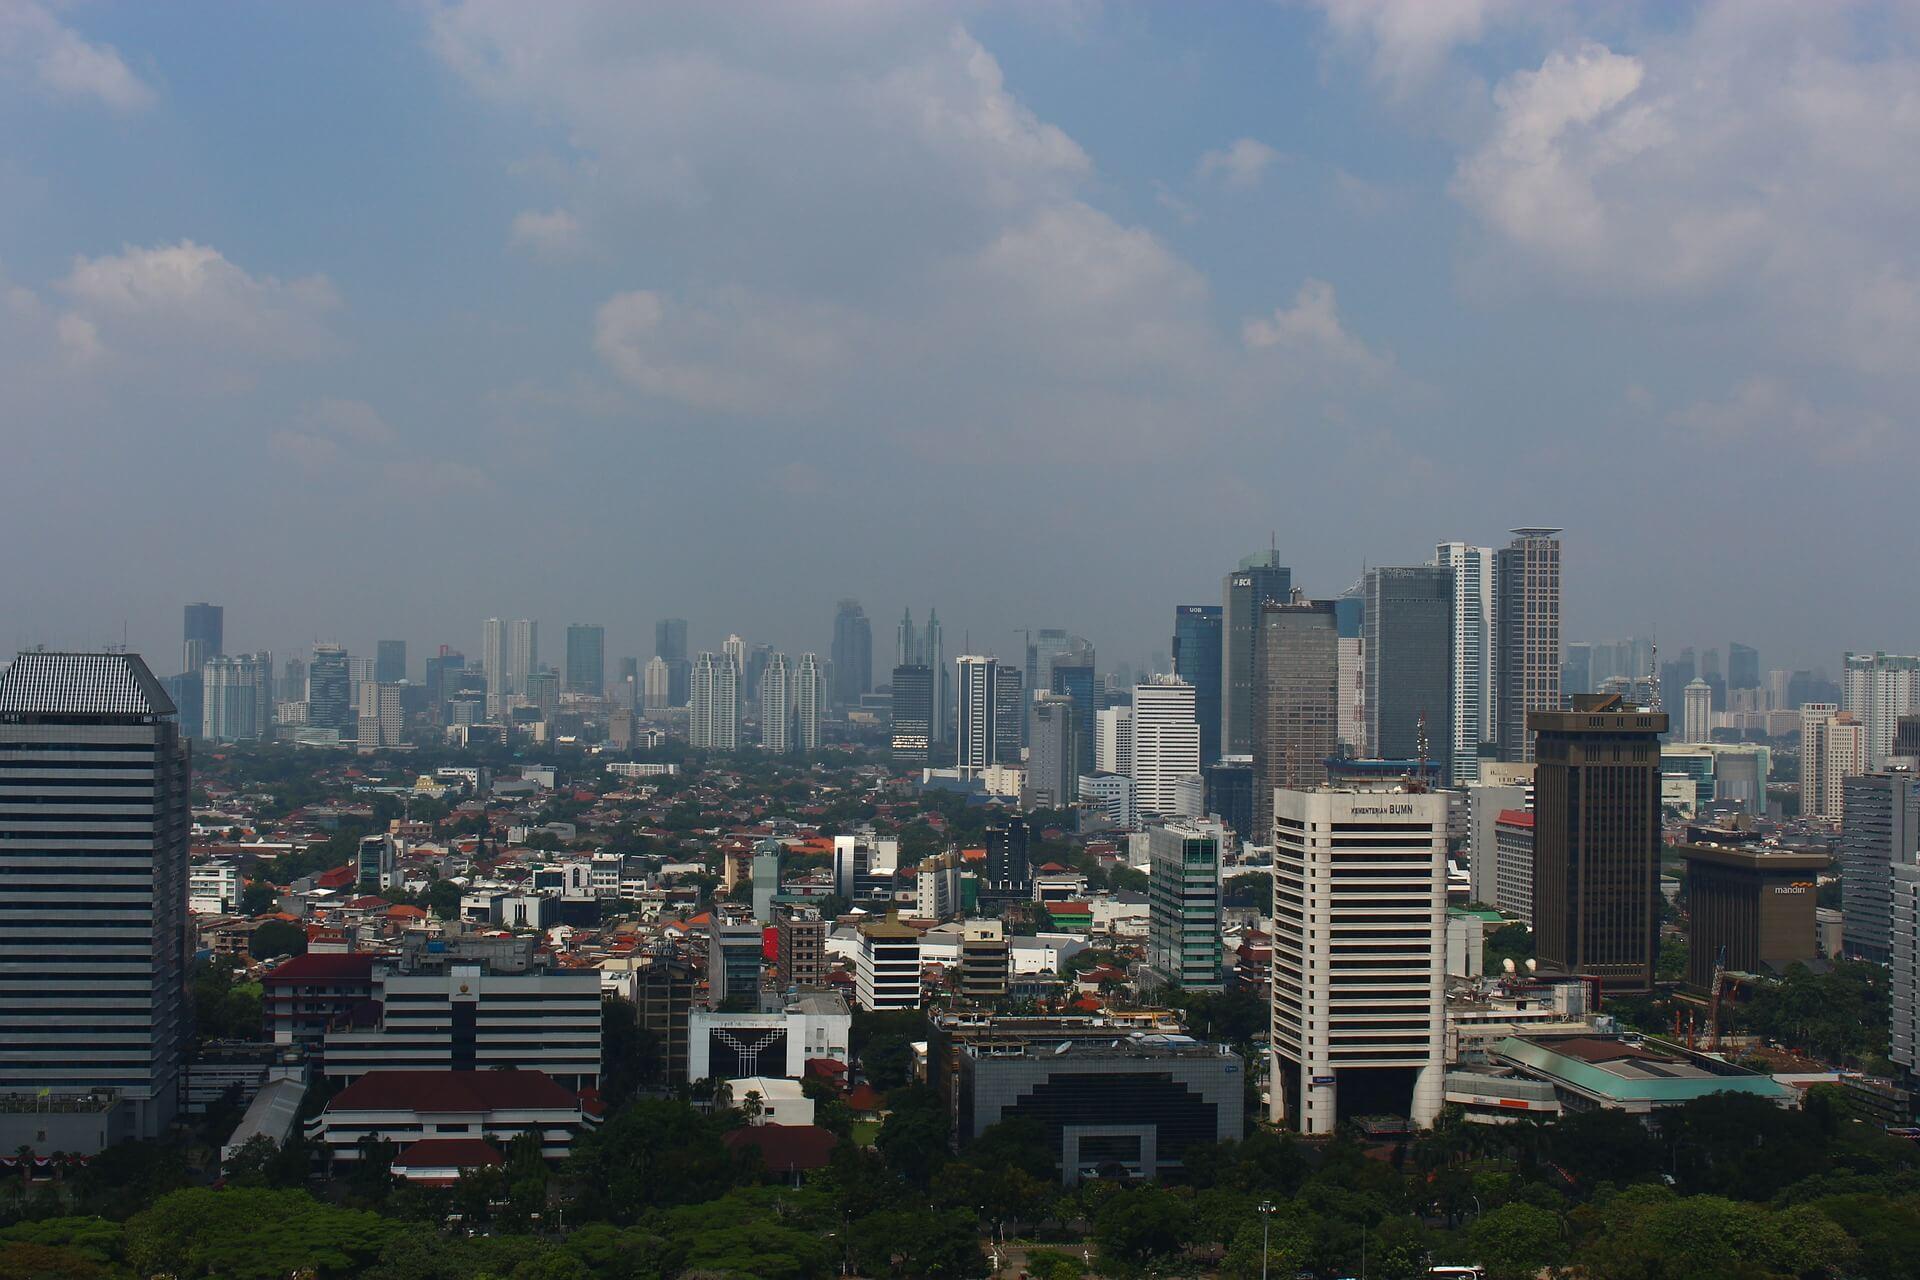 Direktflüge und Billigflüge nach Indonesien